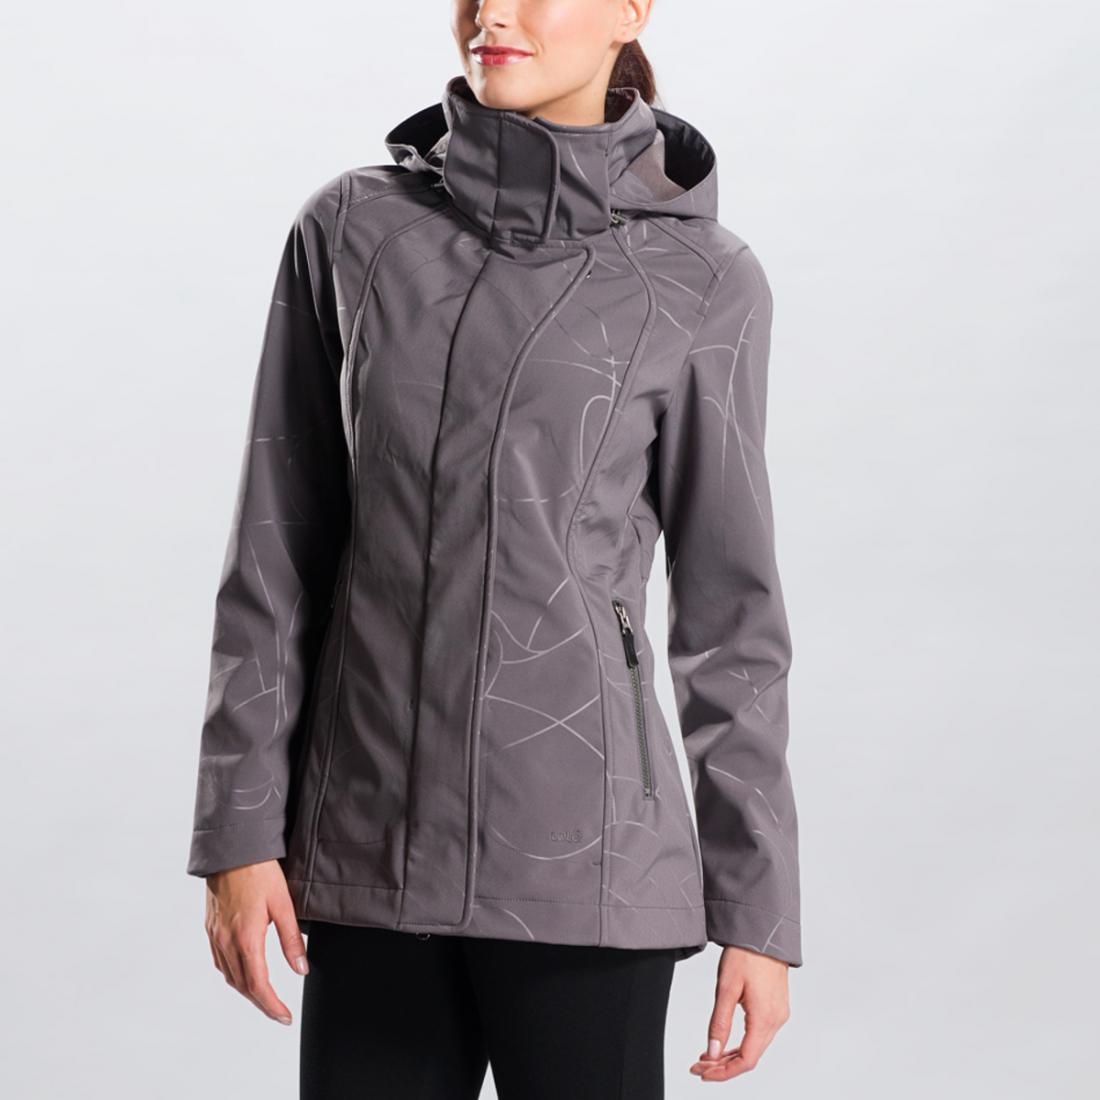 Куртка LUW0191 STUNNING JACKETКуртки<br>Легкий демисезонный плащ из софтшела с оригинальным принтом – функциональная и женственная вещь. <br> <br><br>Регулировки сзади на талии...<br><br>Цвет: Бежевый<br>Размер: M